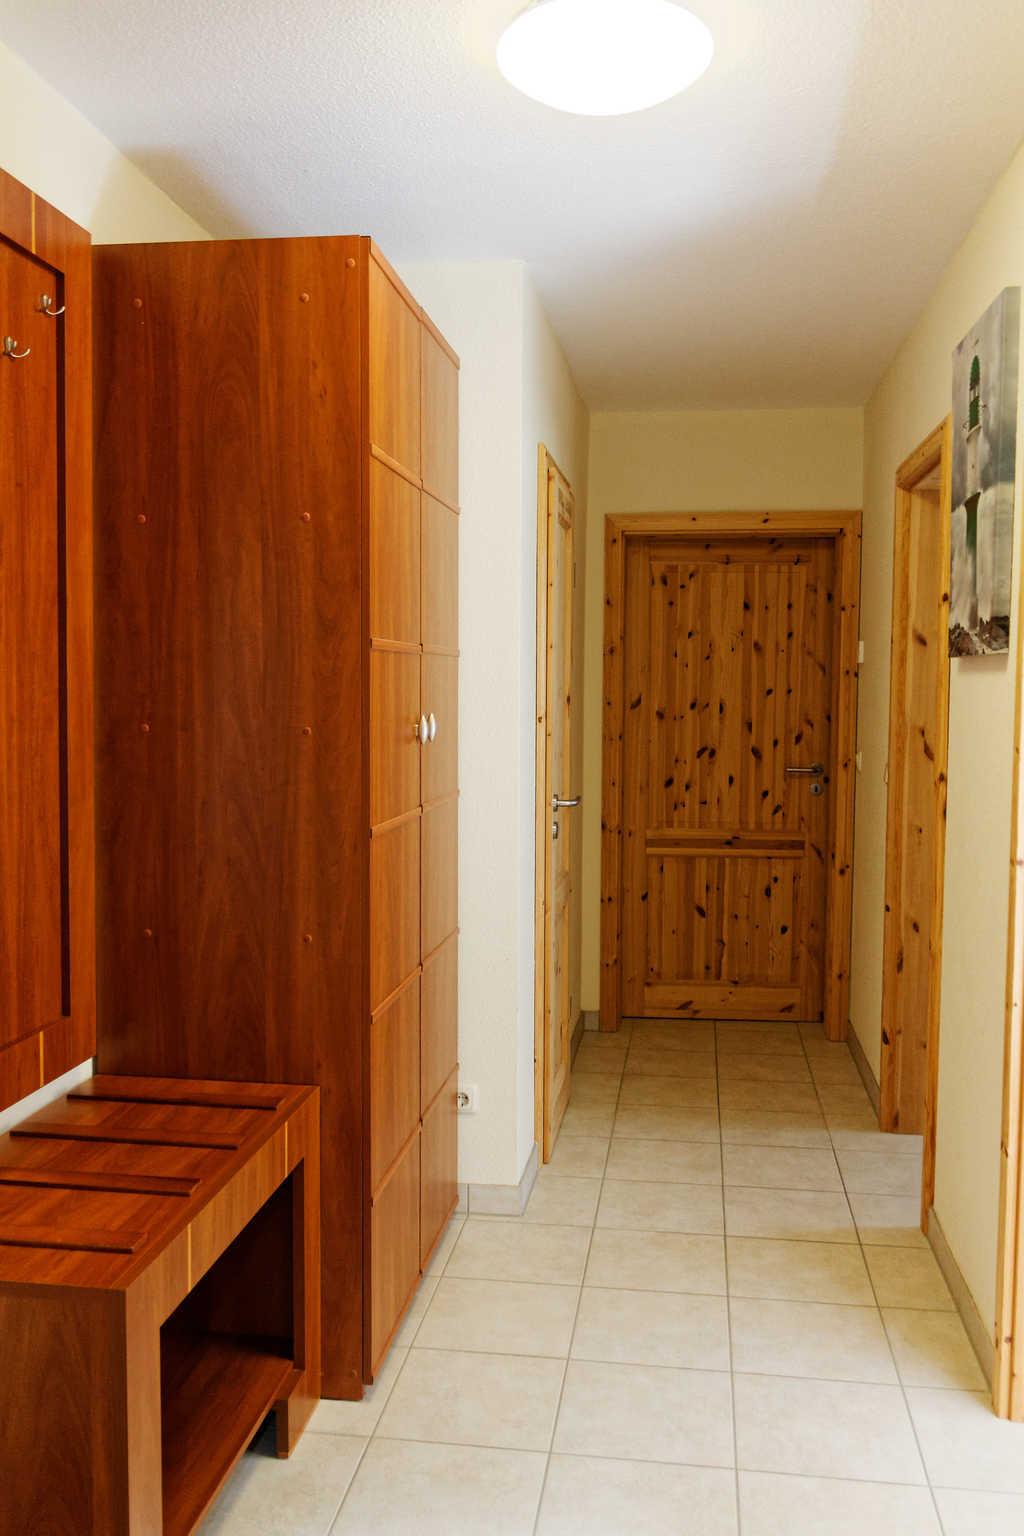 *Haus 'Gelbensander Forst' GM 69907, Wohnung 6 'To